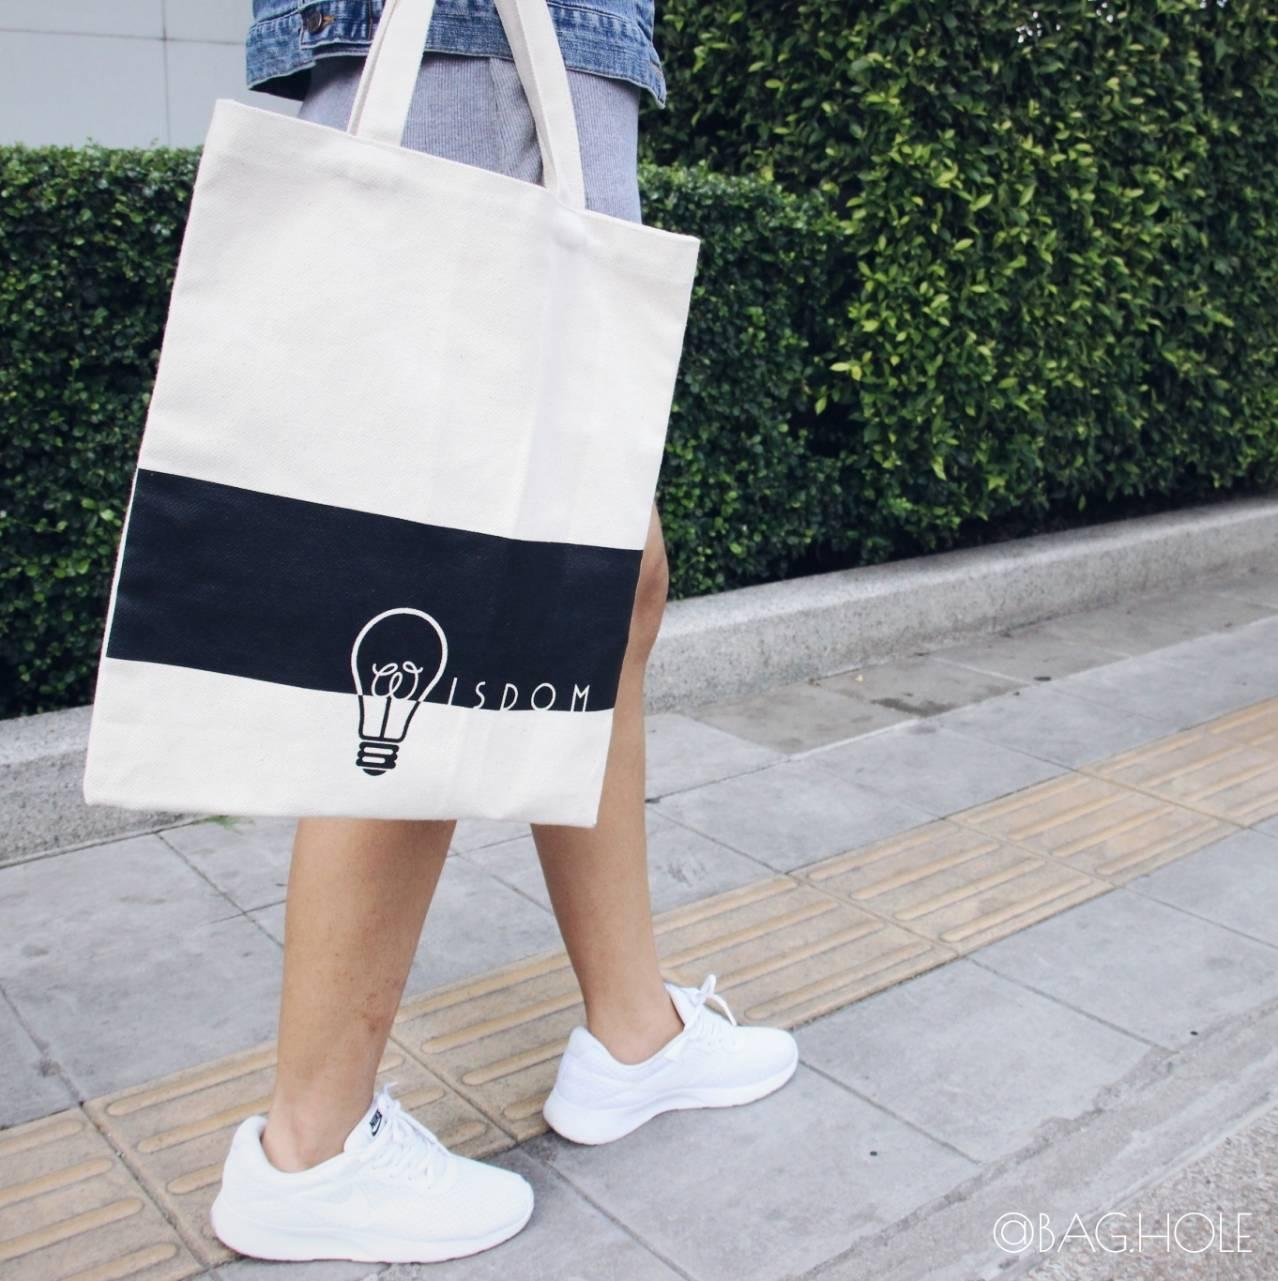 กระเป๋าผ้า canvas อย่างดี สีครีม WISDOM 3